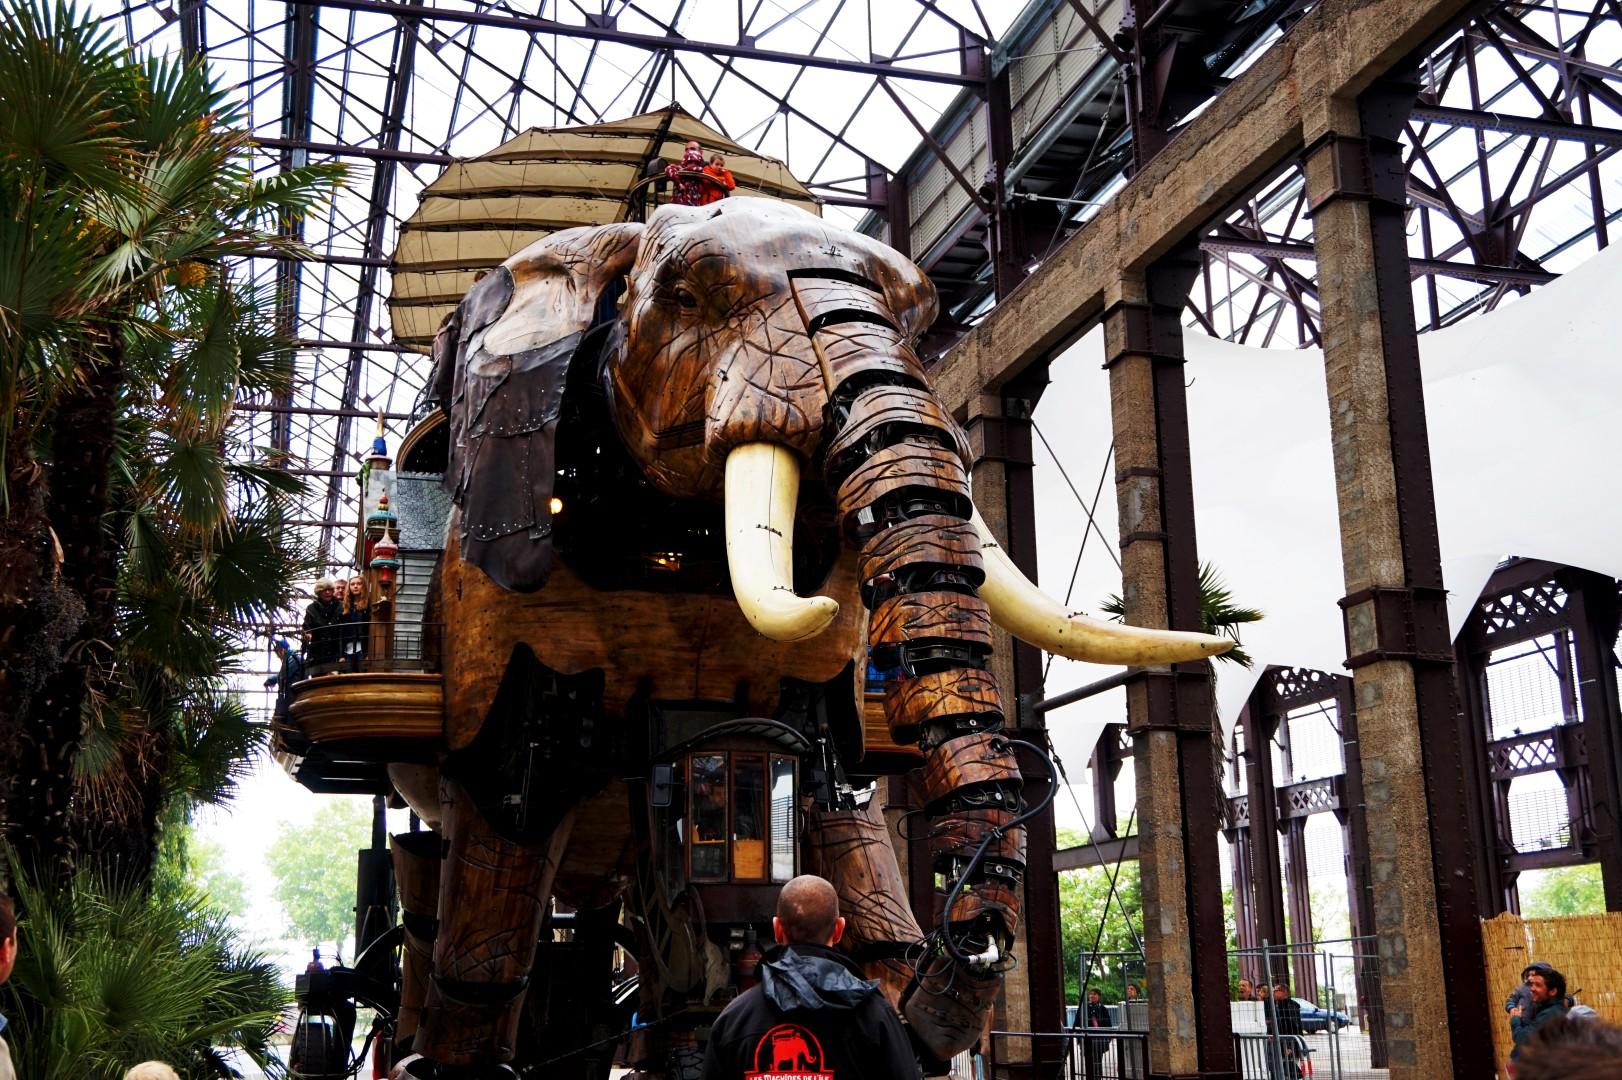 Un weekend à Nantes - Ile de Nantes - Les Machines de l'ïle - L'éléphant